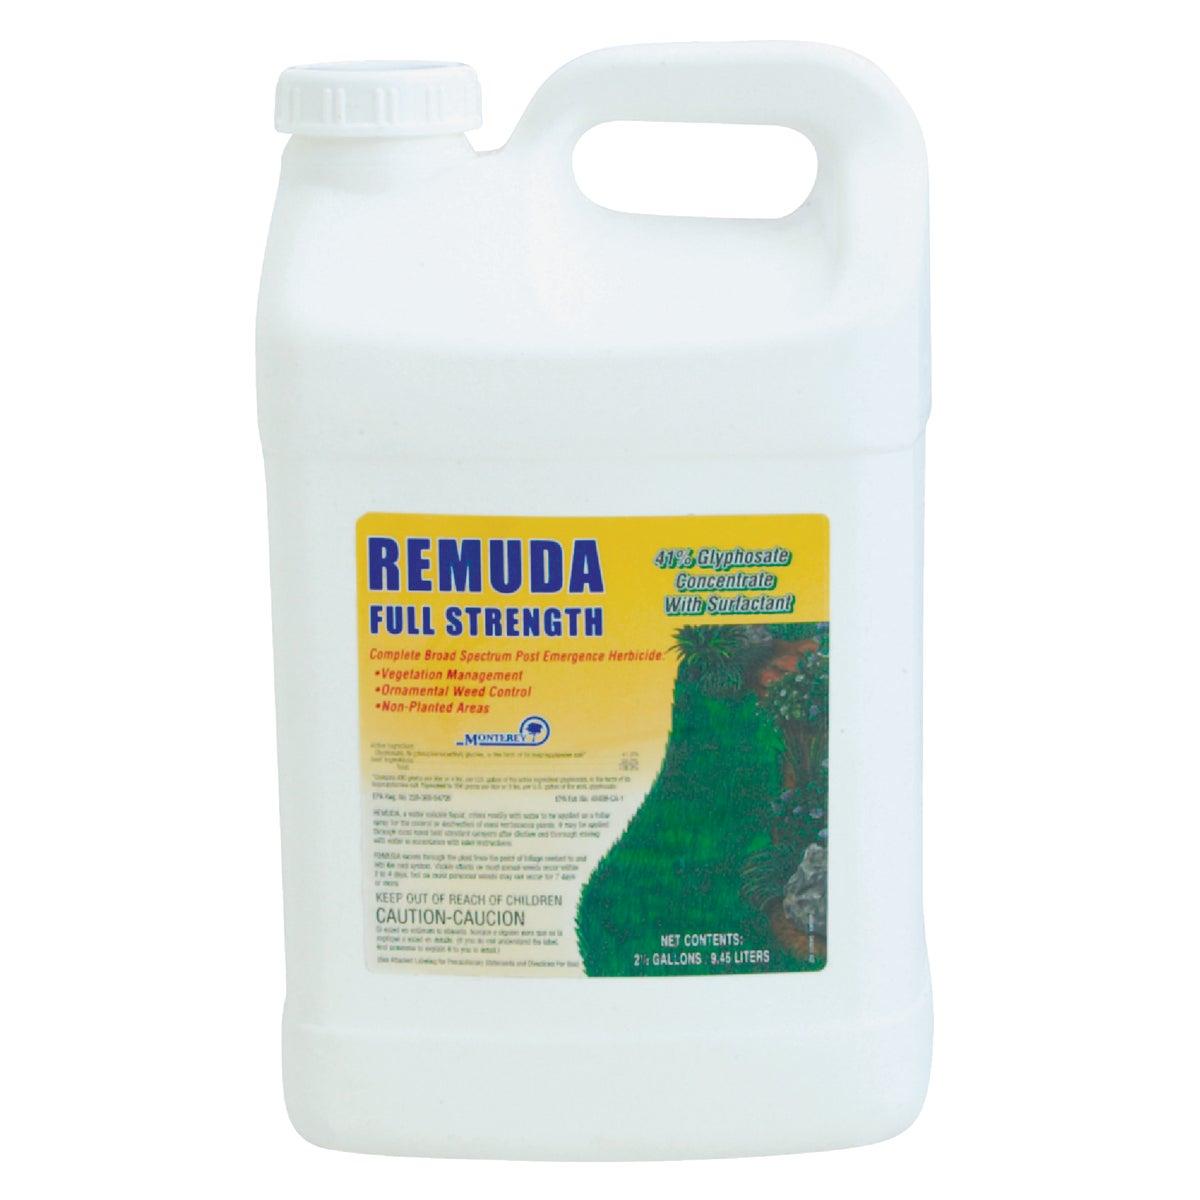 2.5GAL REMUDA HERBICIDE - LG5195 by Monterey Lawn&garden